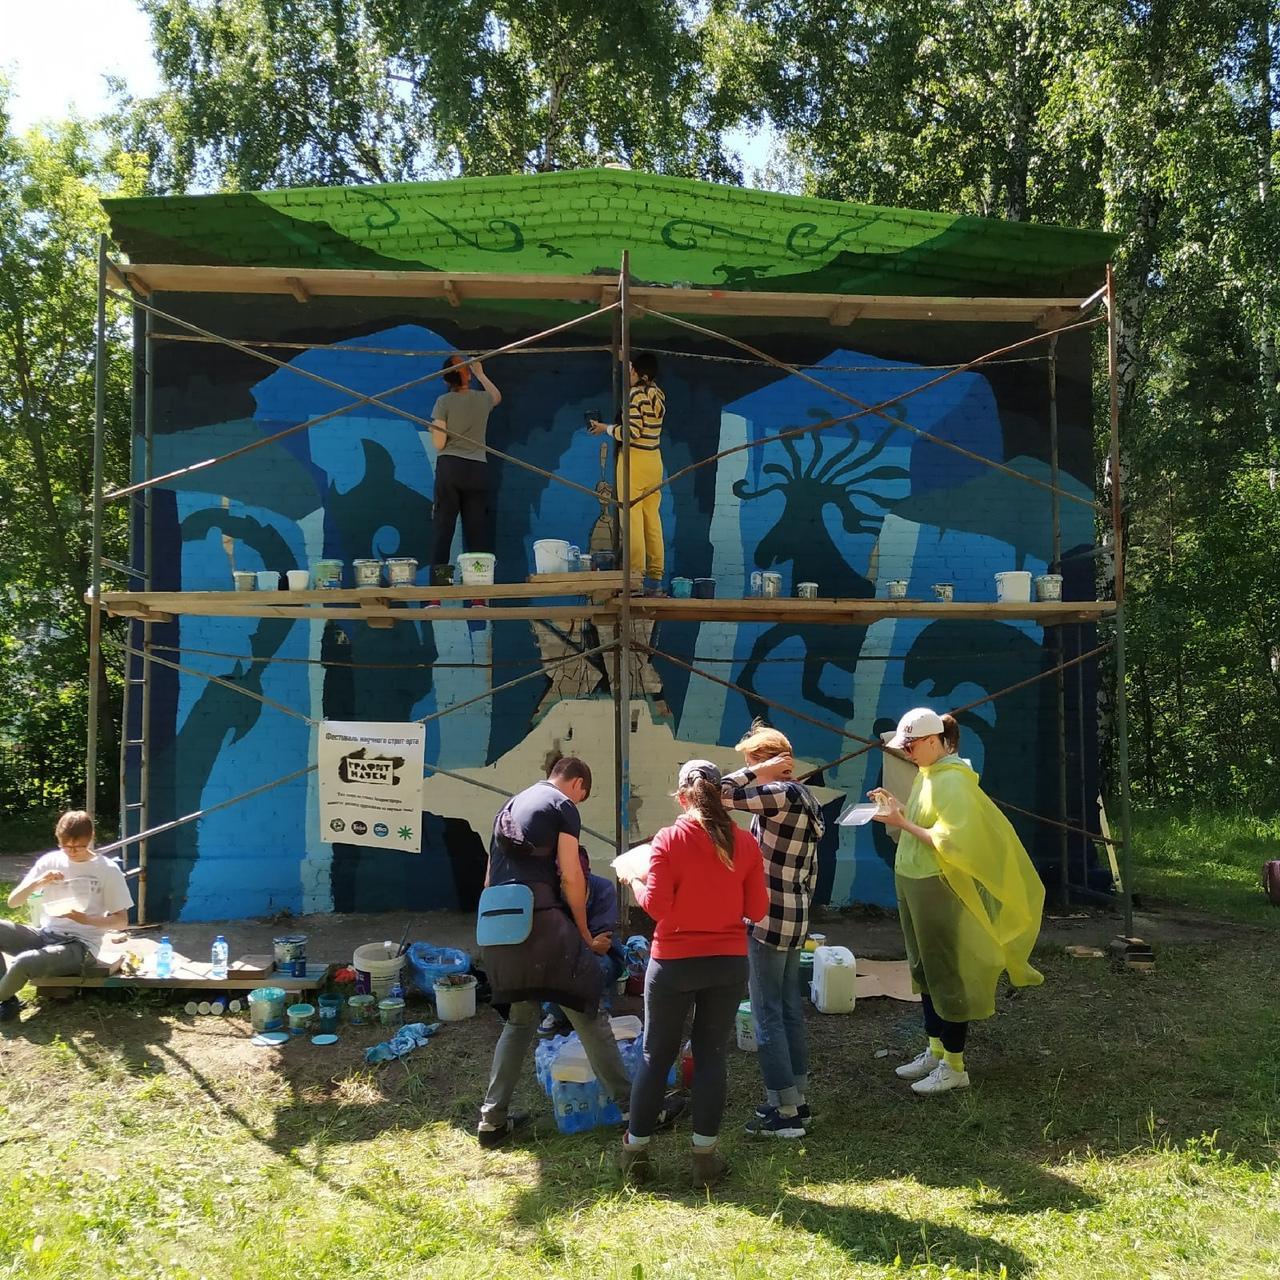 Фото «Стрит-арт – адекватная изюминка города»: что думают о демонтаже граффити в Академгородке представители культуры в Новосибирске 2